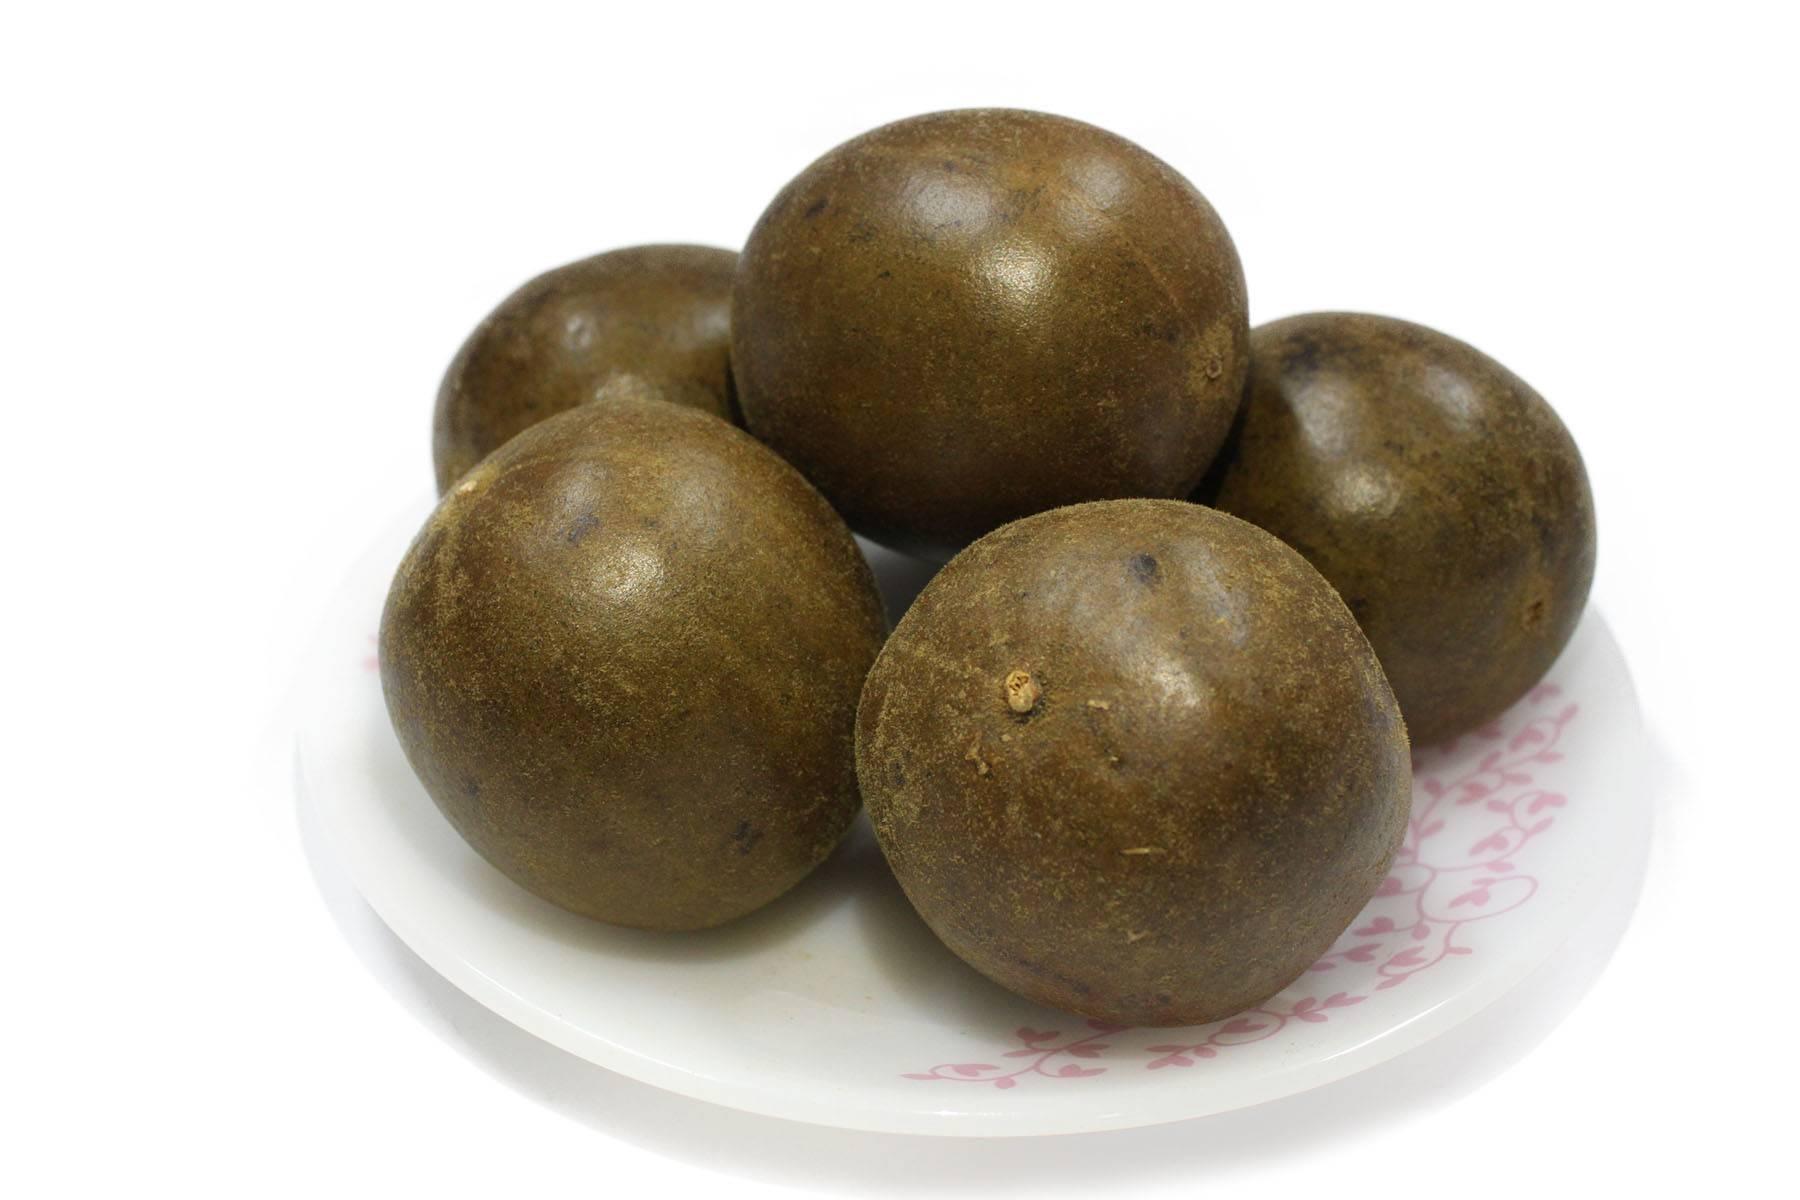 Аки (фрукт): описание, состав и польза